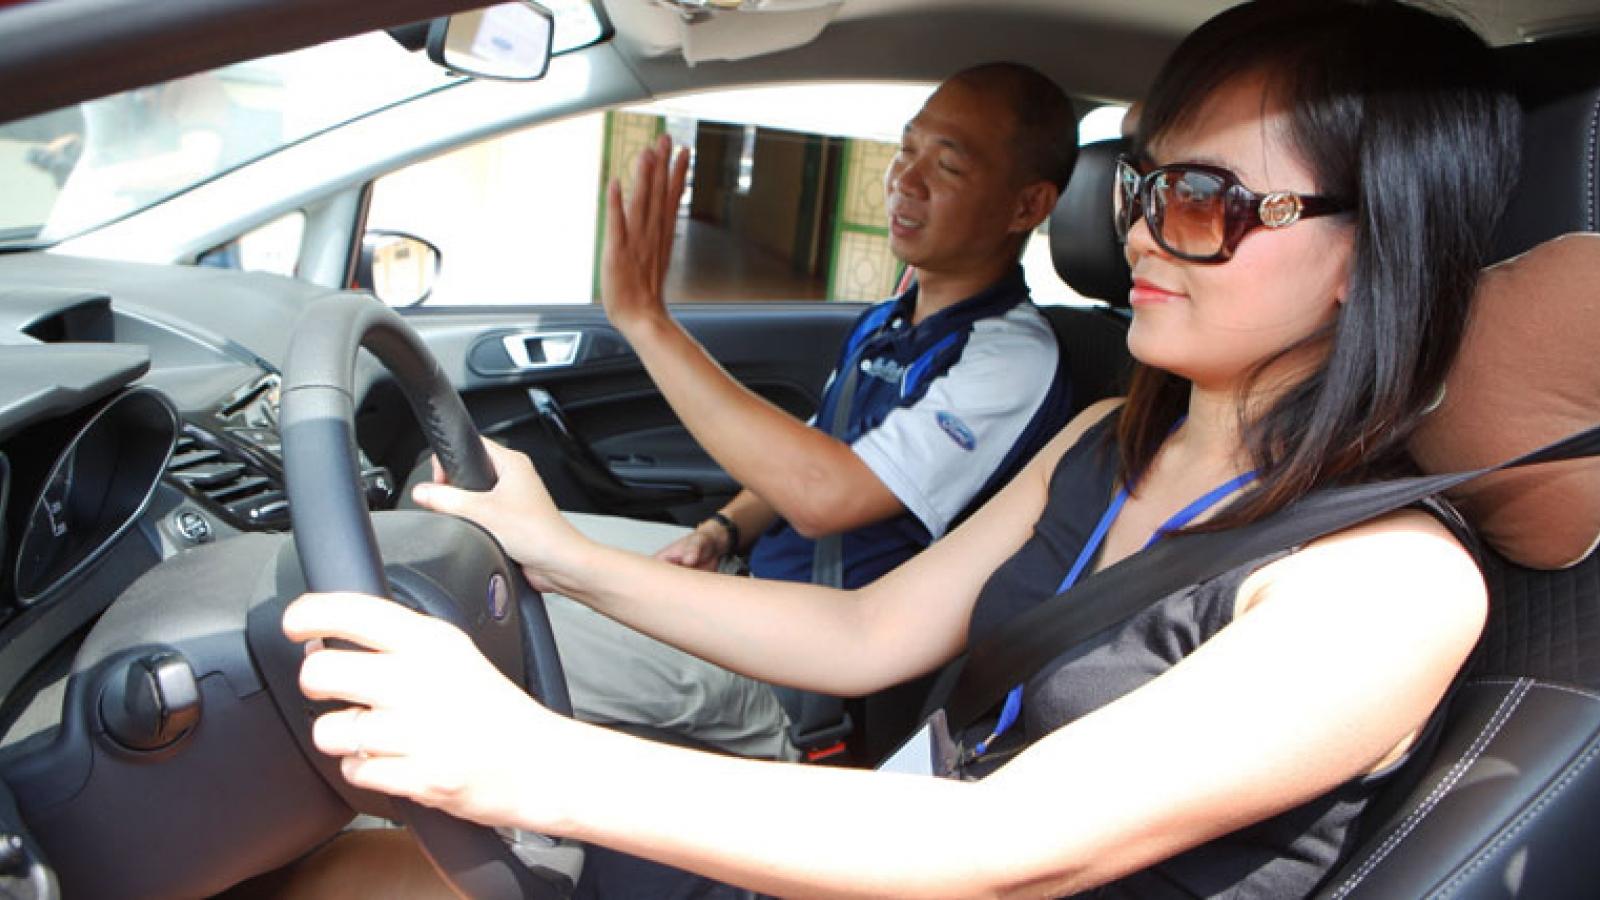 Những gợi ý đơn giản nhưng hữu ích cho các tài xế mới lái